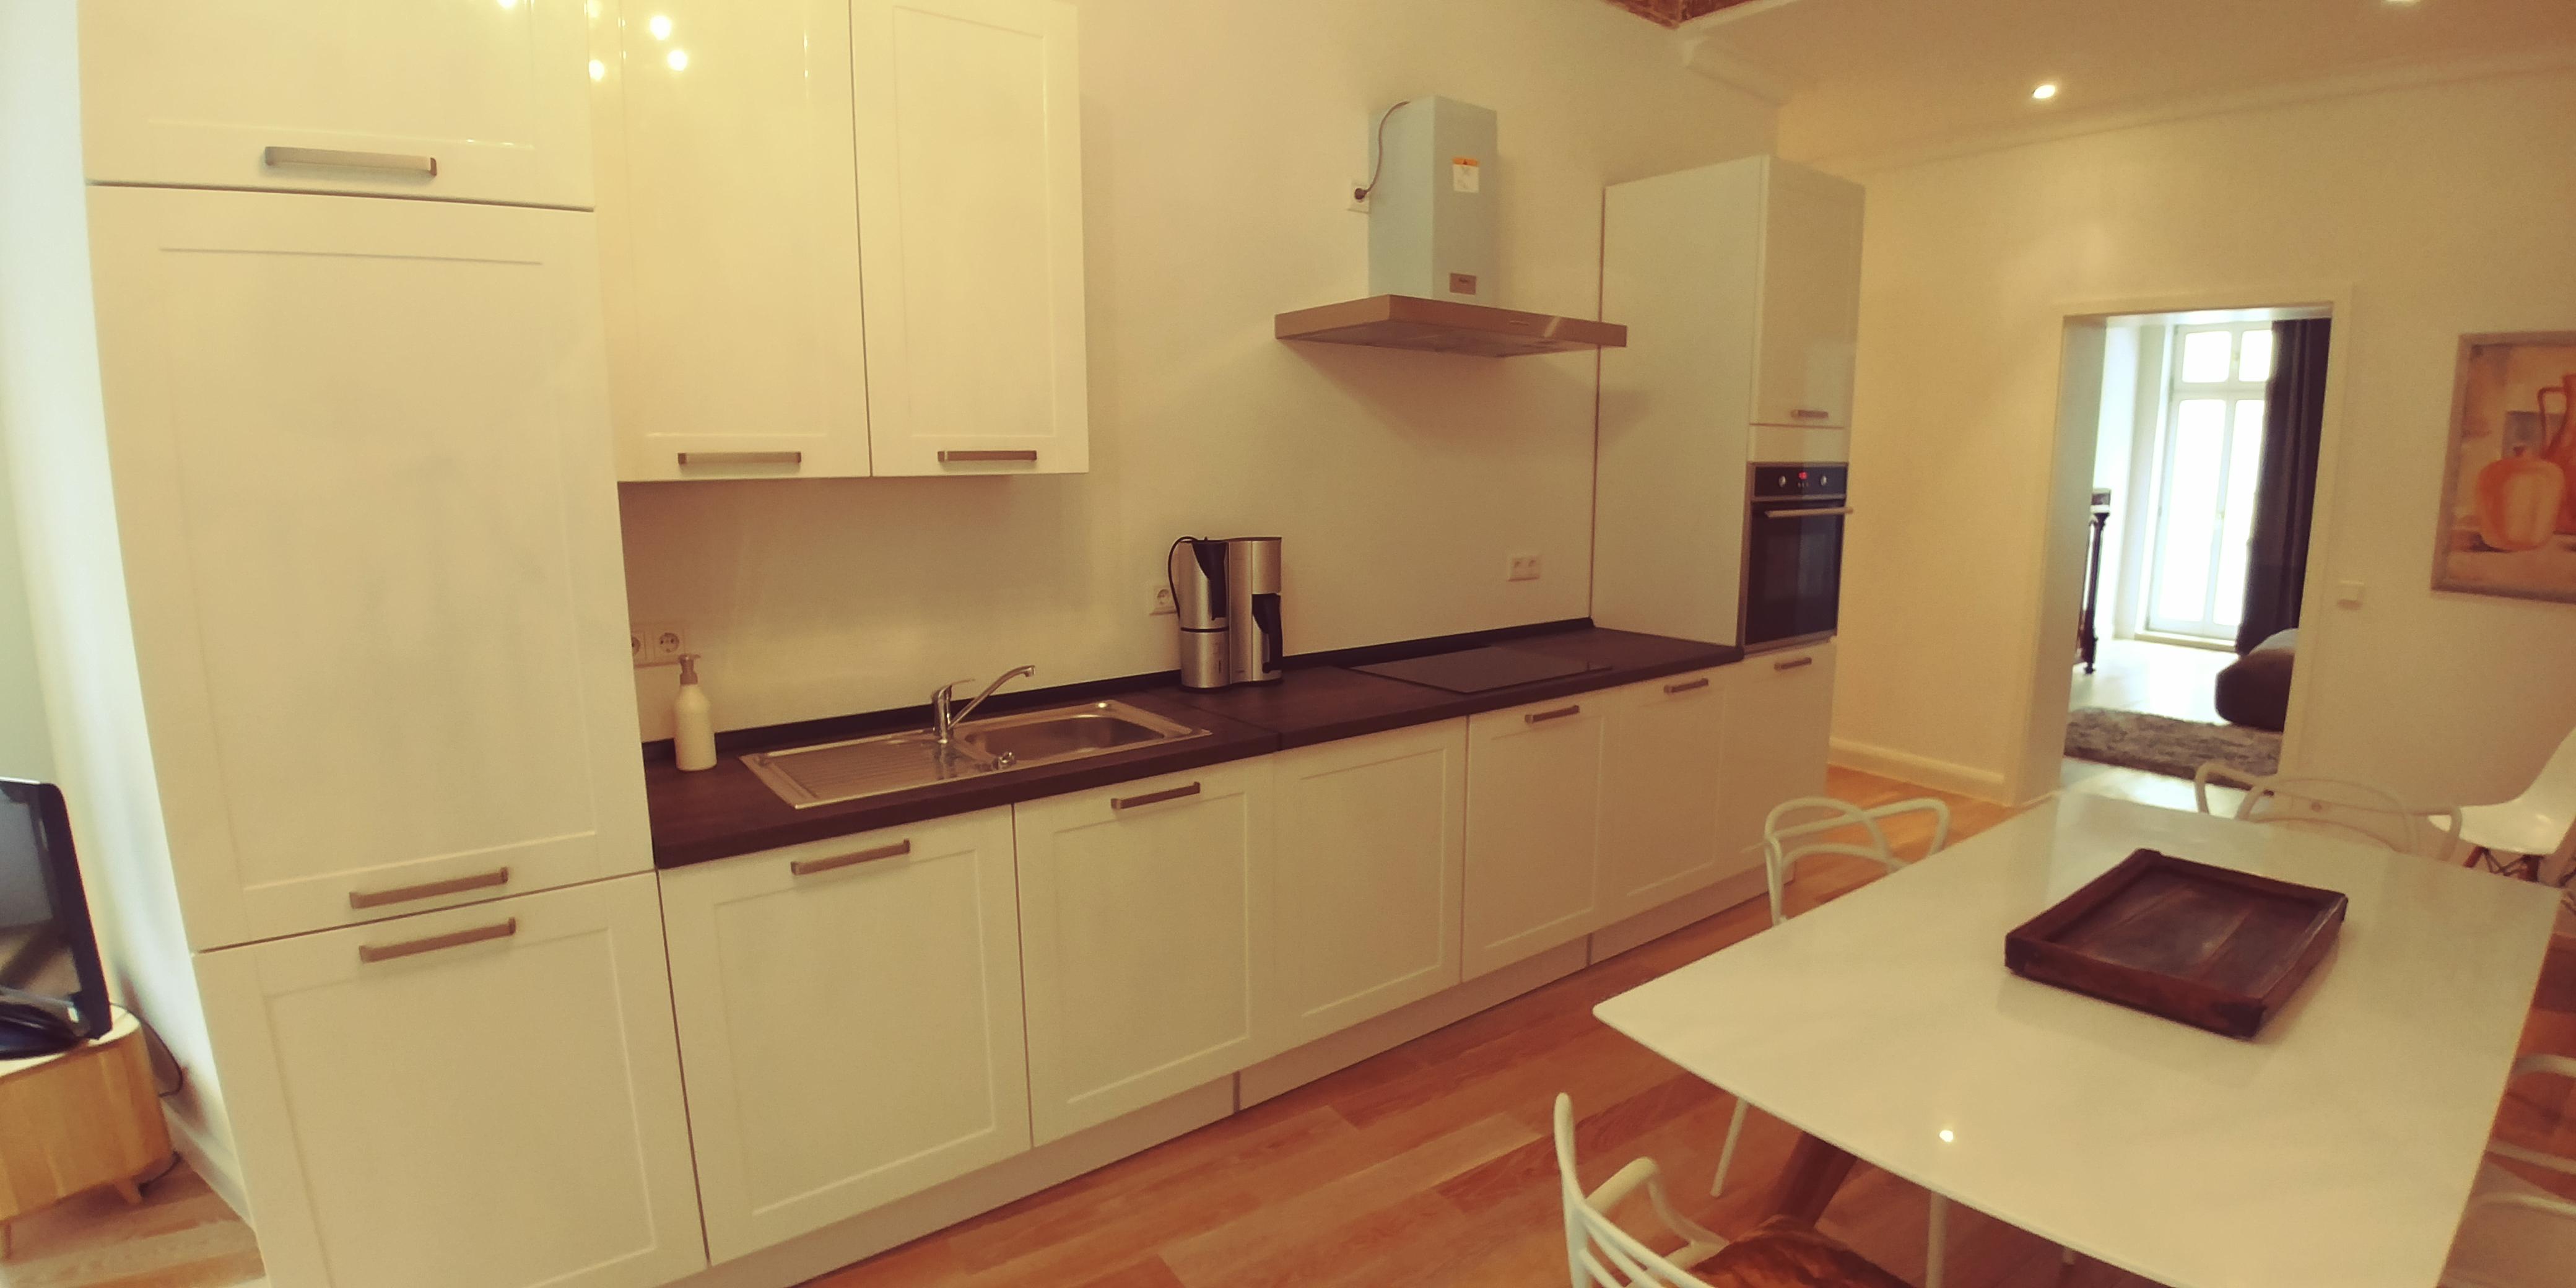 Wunderbar Küchenschrank Planer Lowes Bilder - Ideen Für Die Küche ...